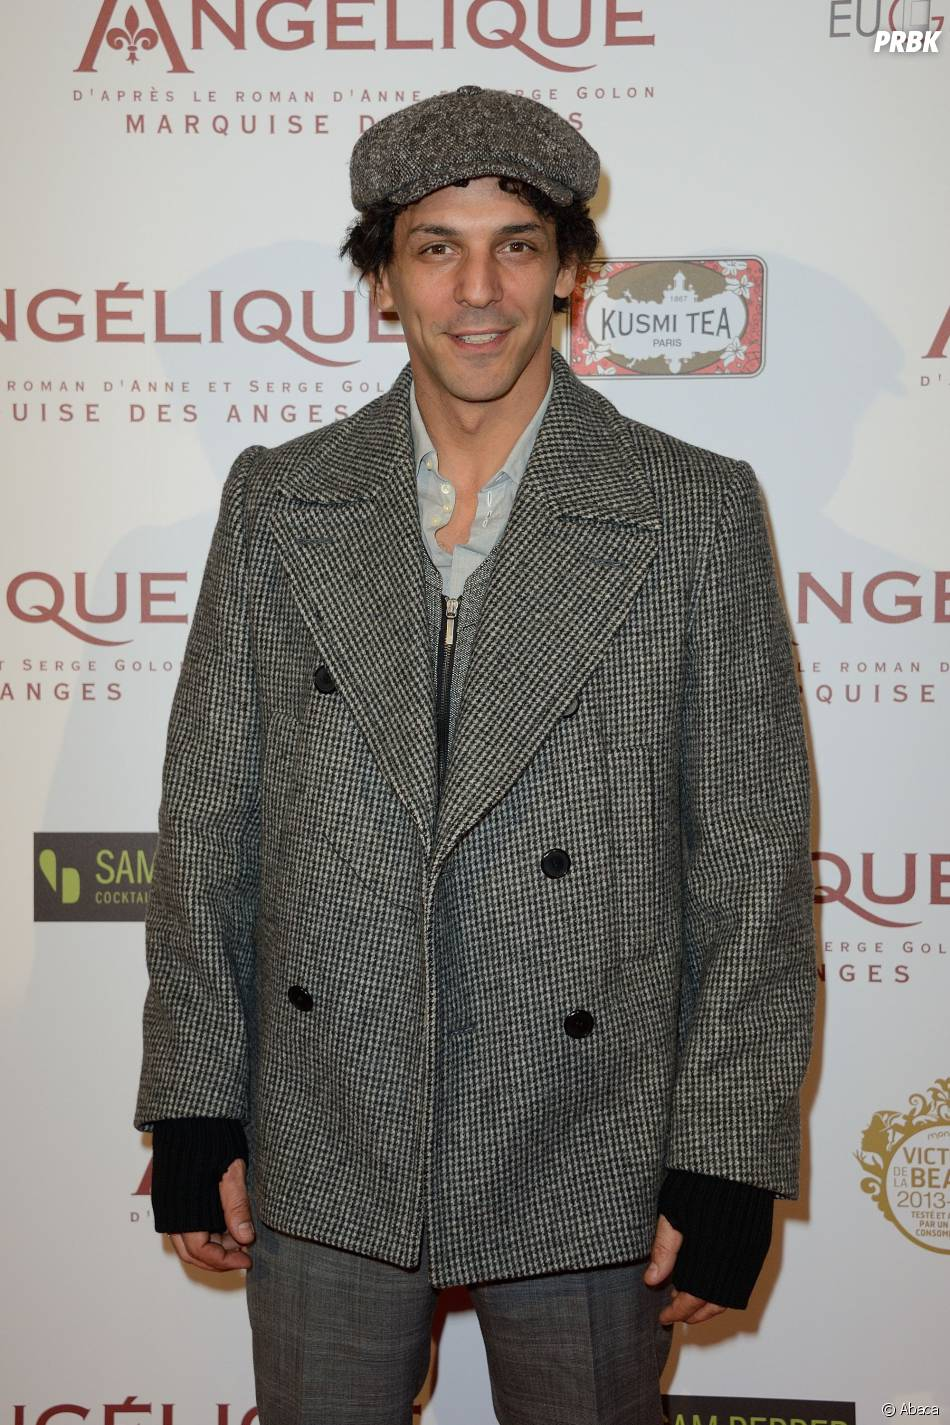 Tomer Sisley à l'avant-première d'Angélique, le 16 décembre 2013 à Paris